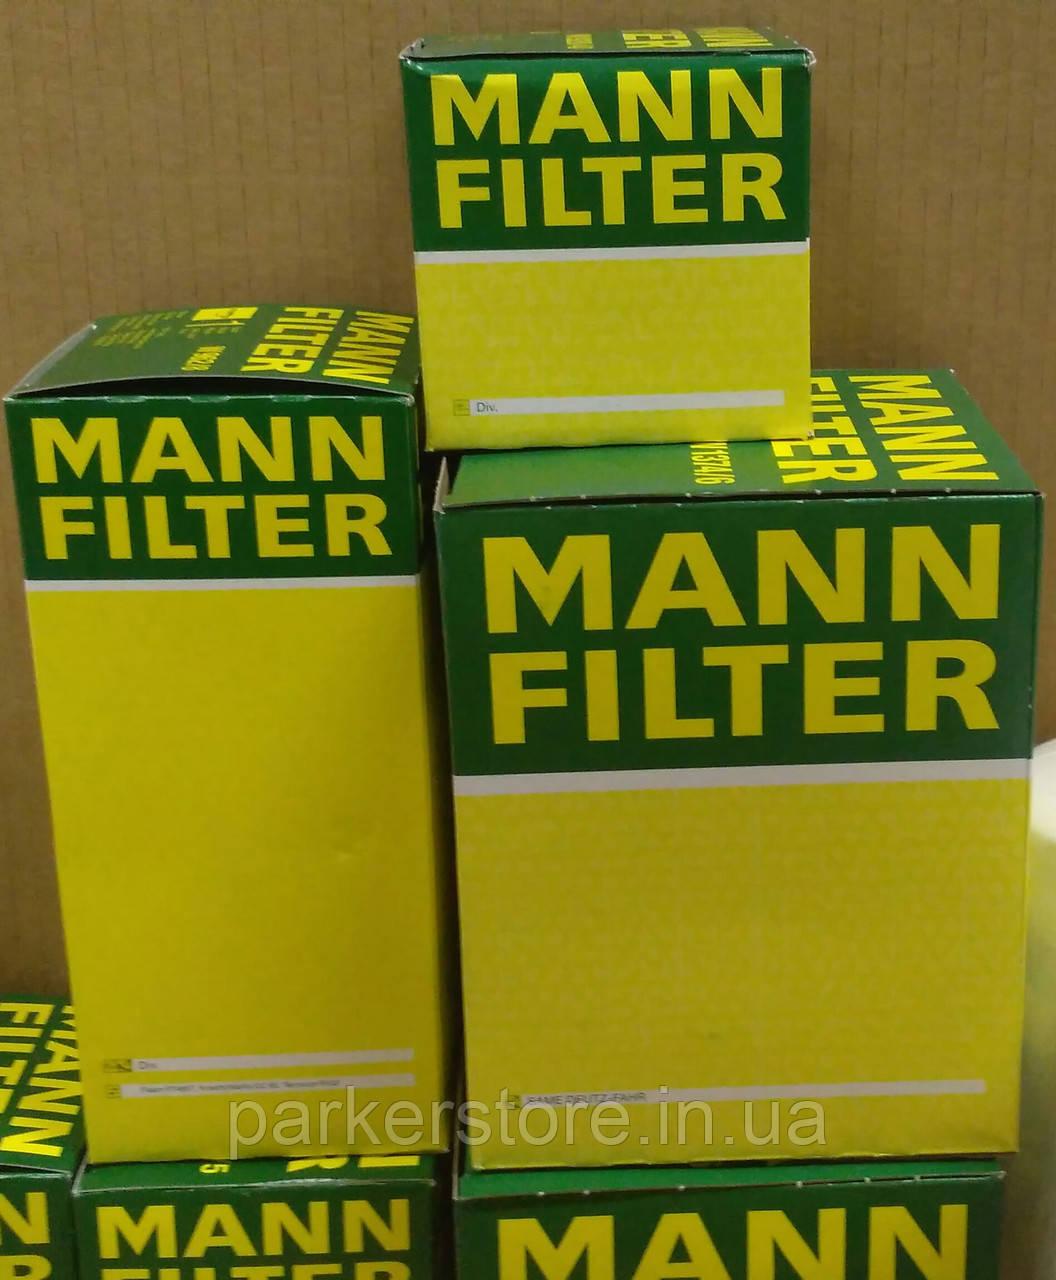 MANN FILTER / Воздушный фильтр / C 30 004 / C30004